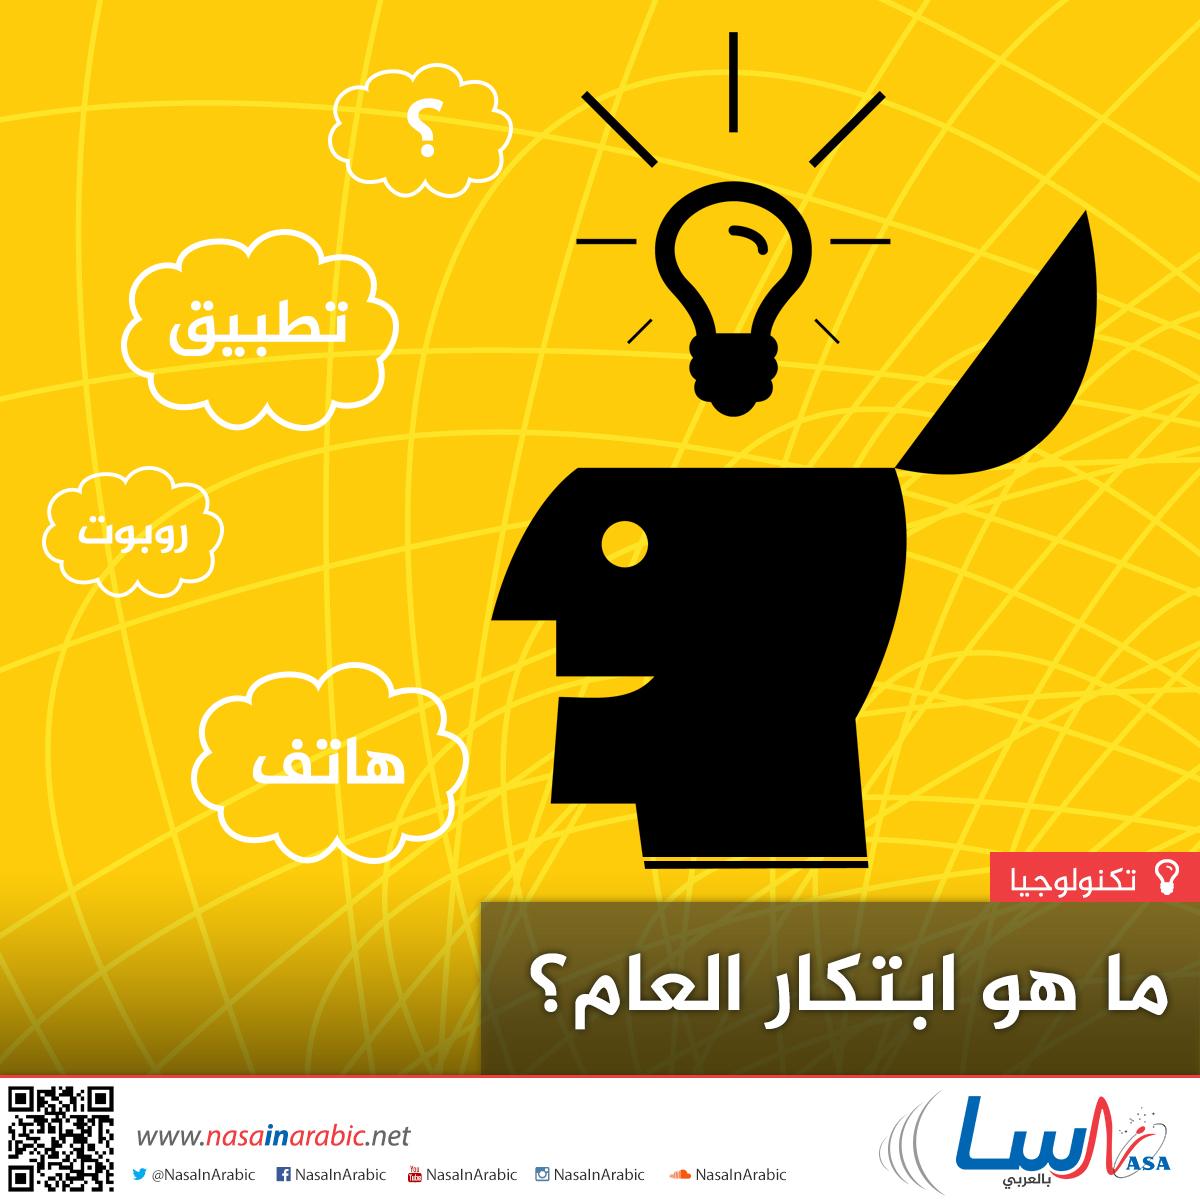 ما هو ابتكار العام؟